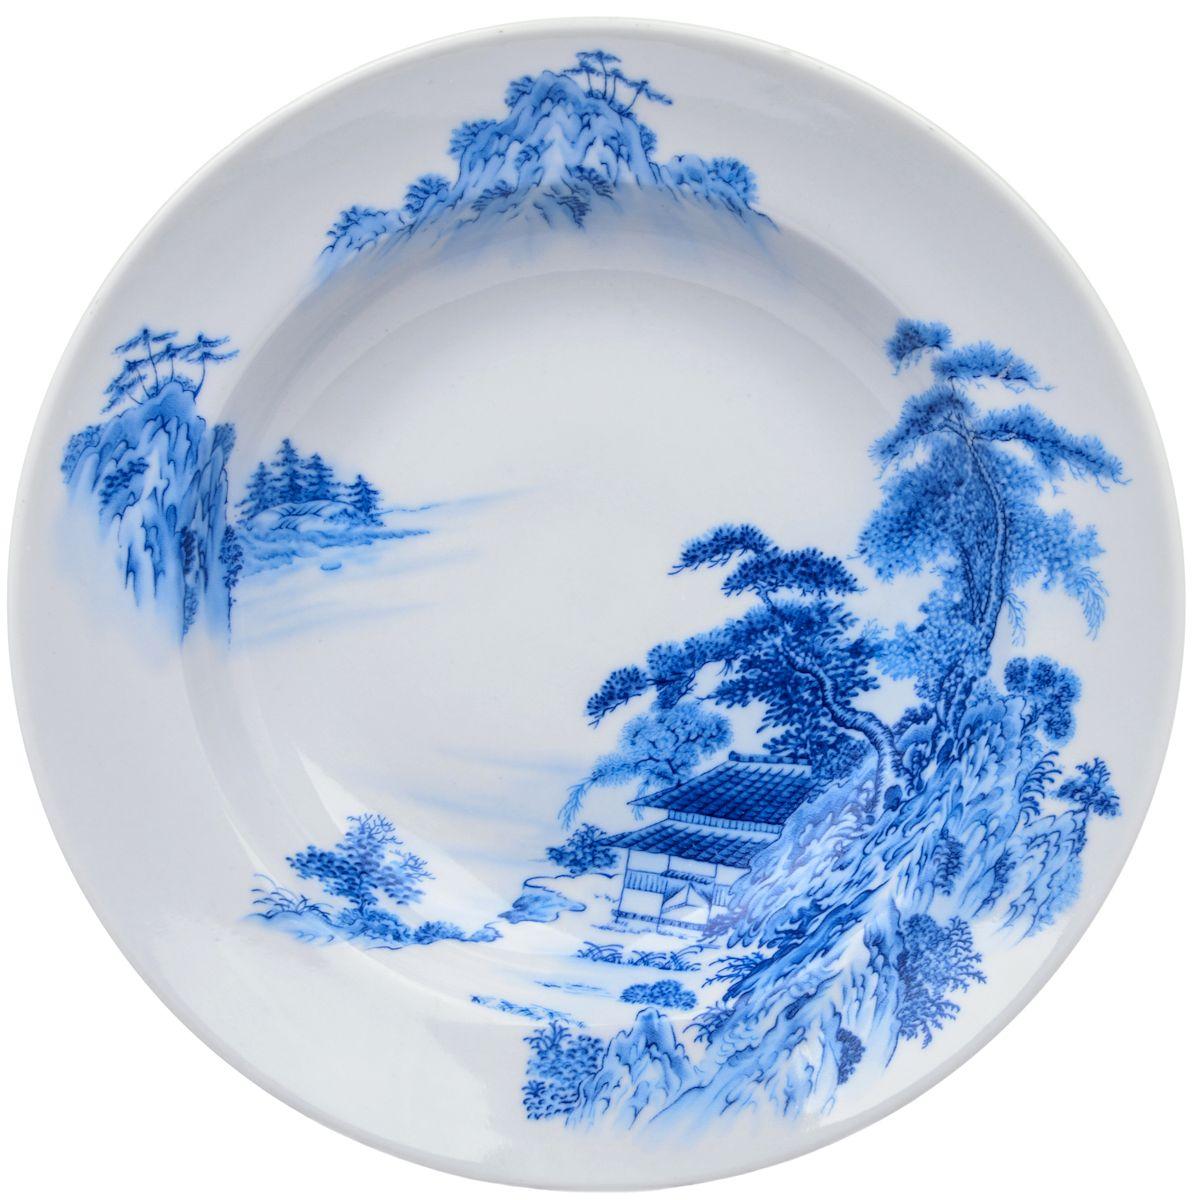 Тарелка глубокая Дулевский фарфор Азия, 20 см54 009312Посуду можно использовать в СВЧ и мыть в посудомоечных машинах. Не рекомендуется использовать абразивные моющие средства.